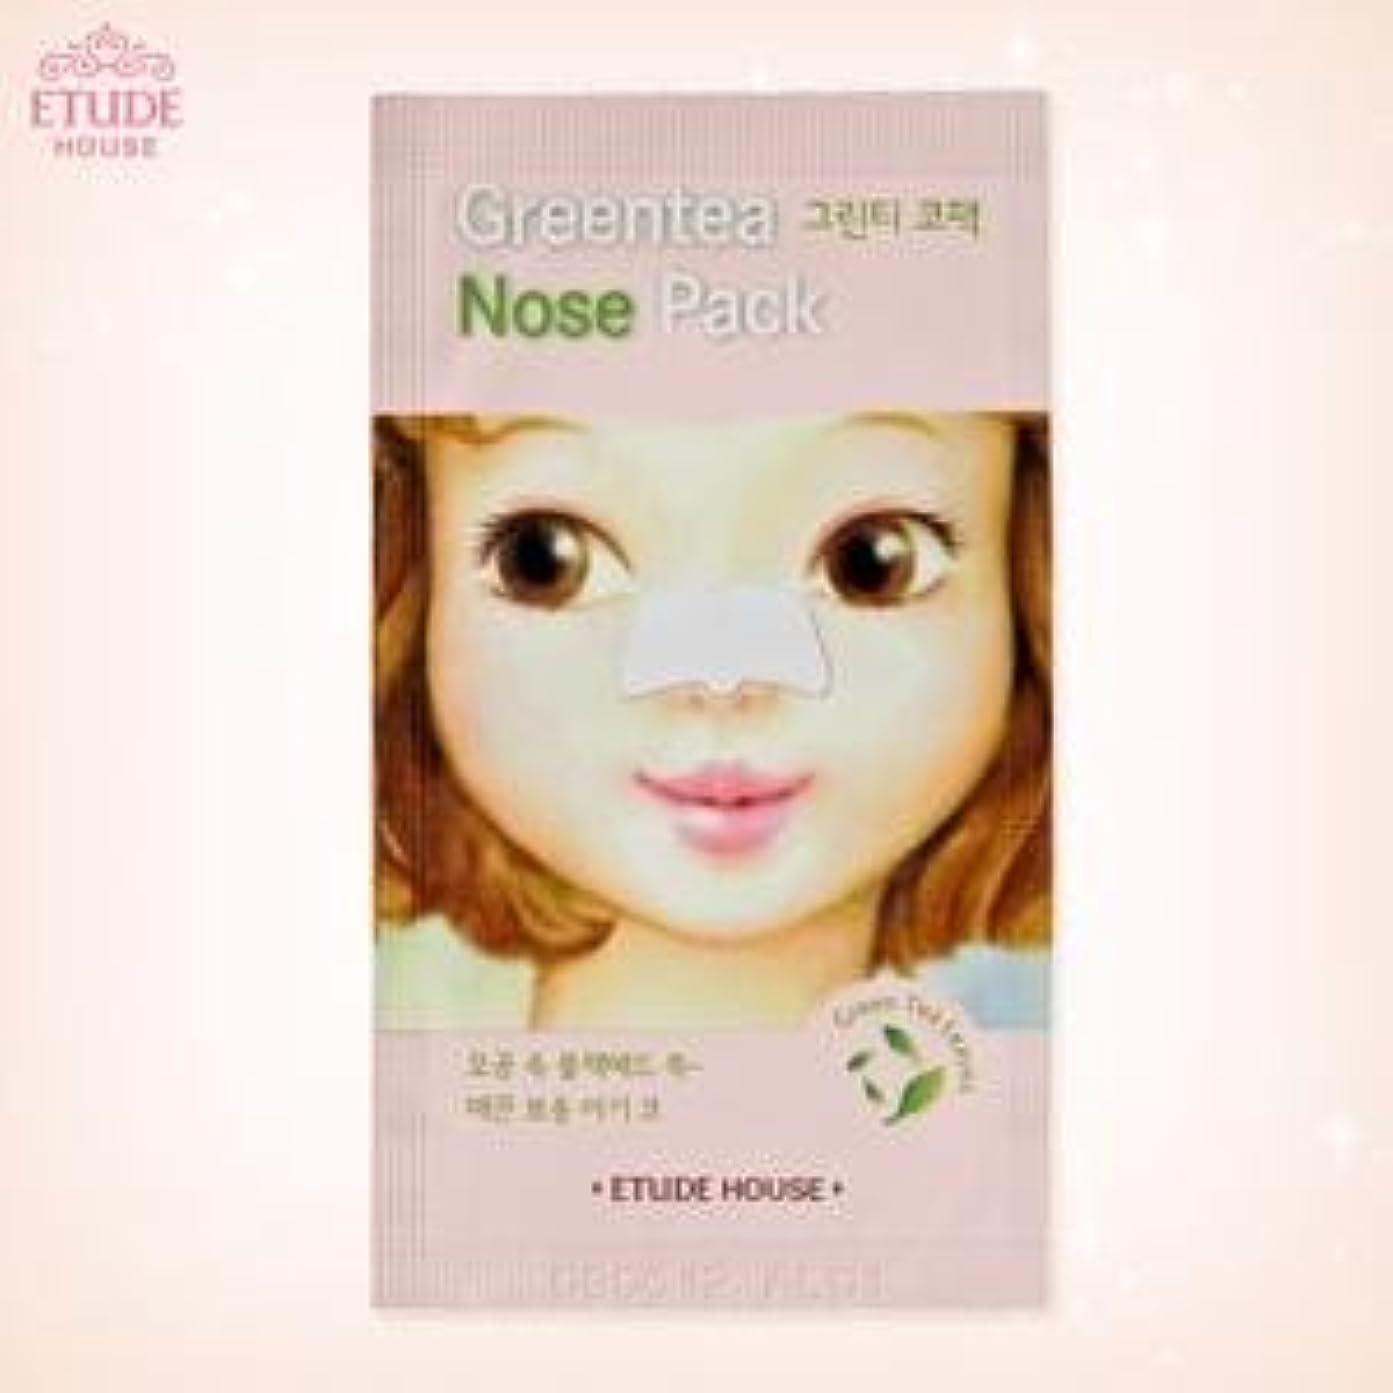 またはどちらか不変処方するエチュードハウス グリーンティー ノーズパック[Greentea Nose Pack]鼻専用パック